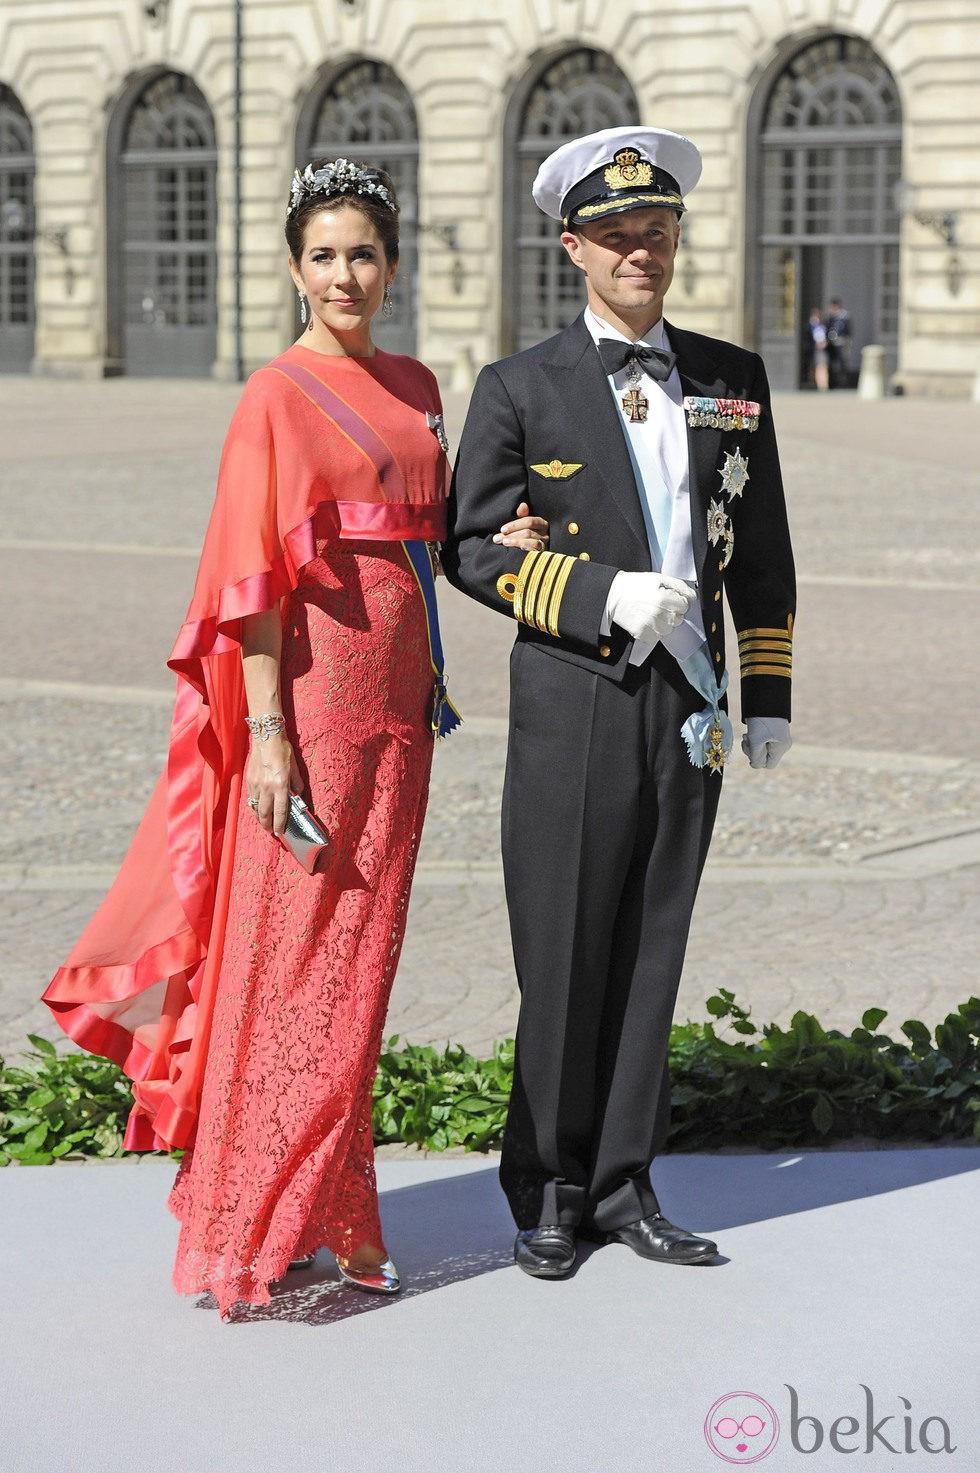 42370_principes-federico-mary-dinamarca-boda-magdalena-suecia-chris-oneill.jpg